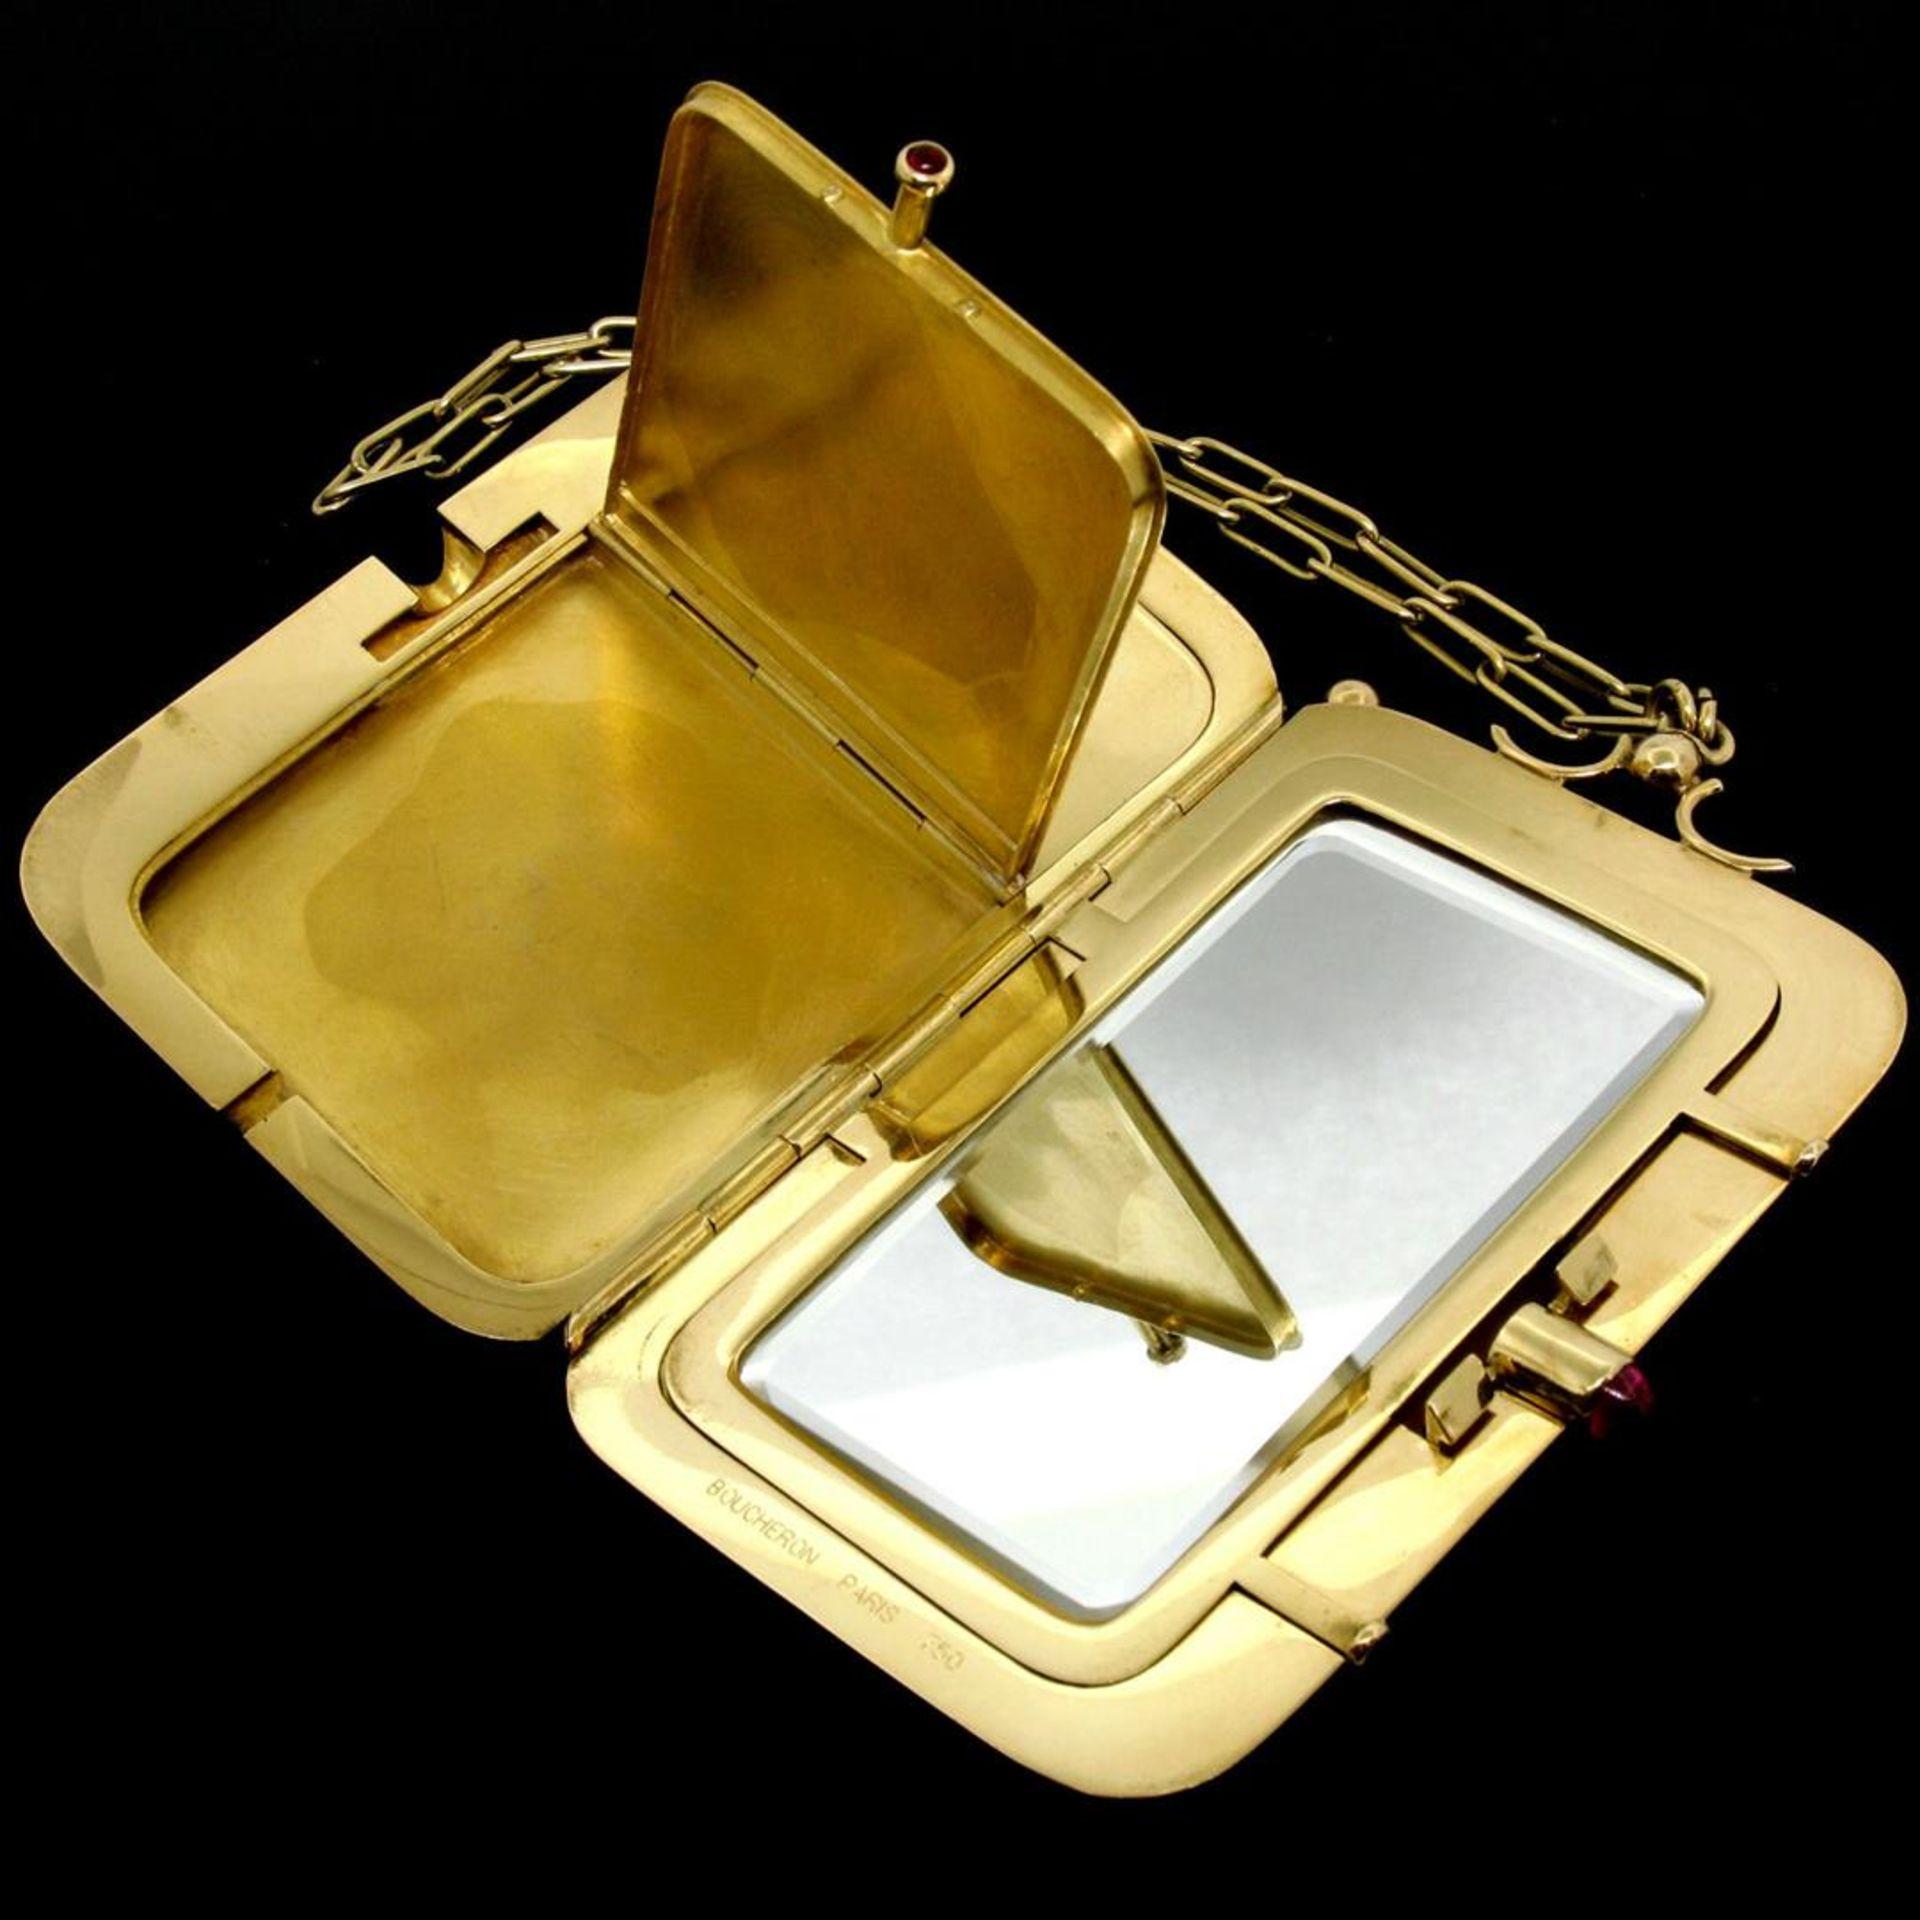 Vintage BOUCHERON Paris 18k Tri Color Gold Ruby Compact Powder Case - Image 7 of 9